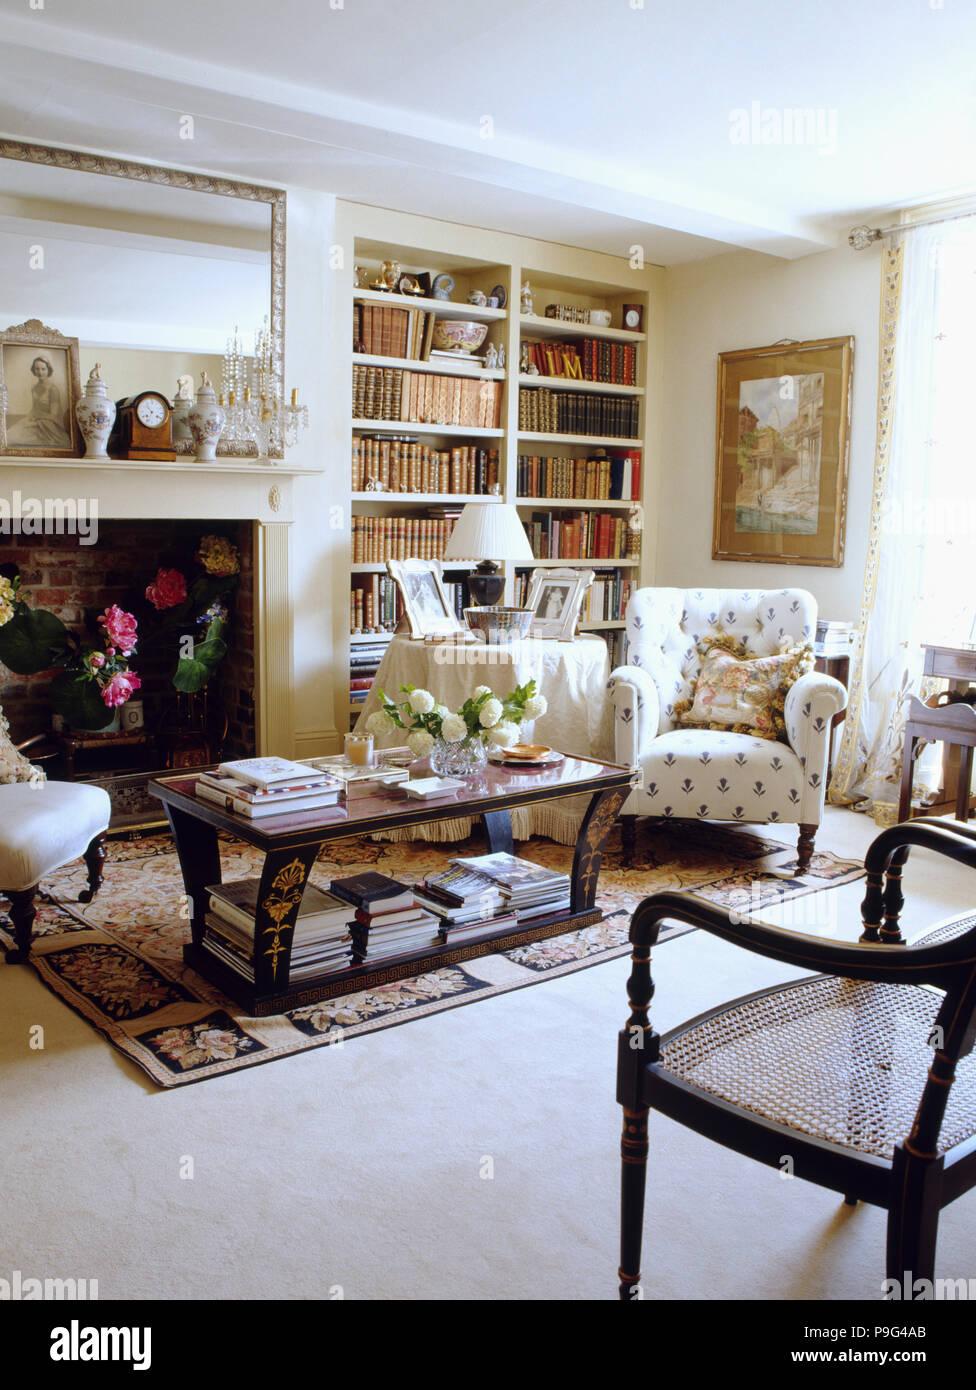 Creme Teppichboden In Traditionelle Cremefarbene Land Wohnzimmer